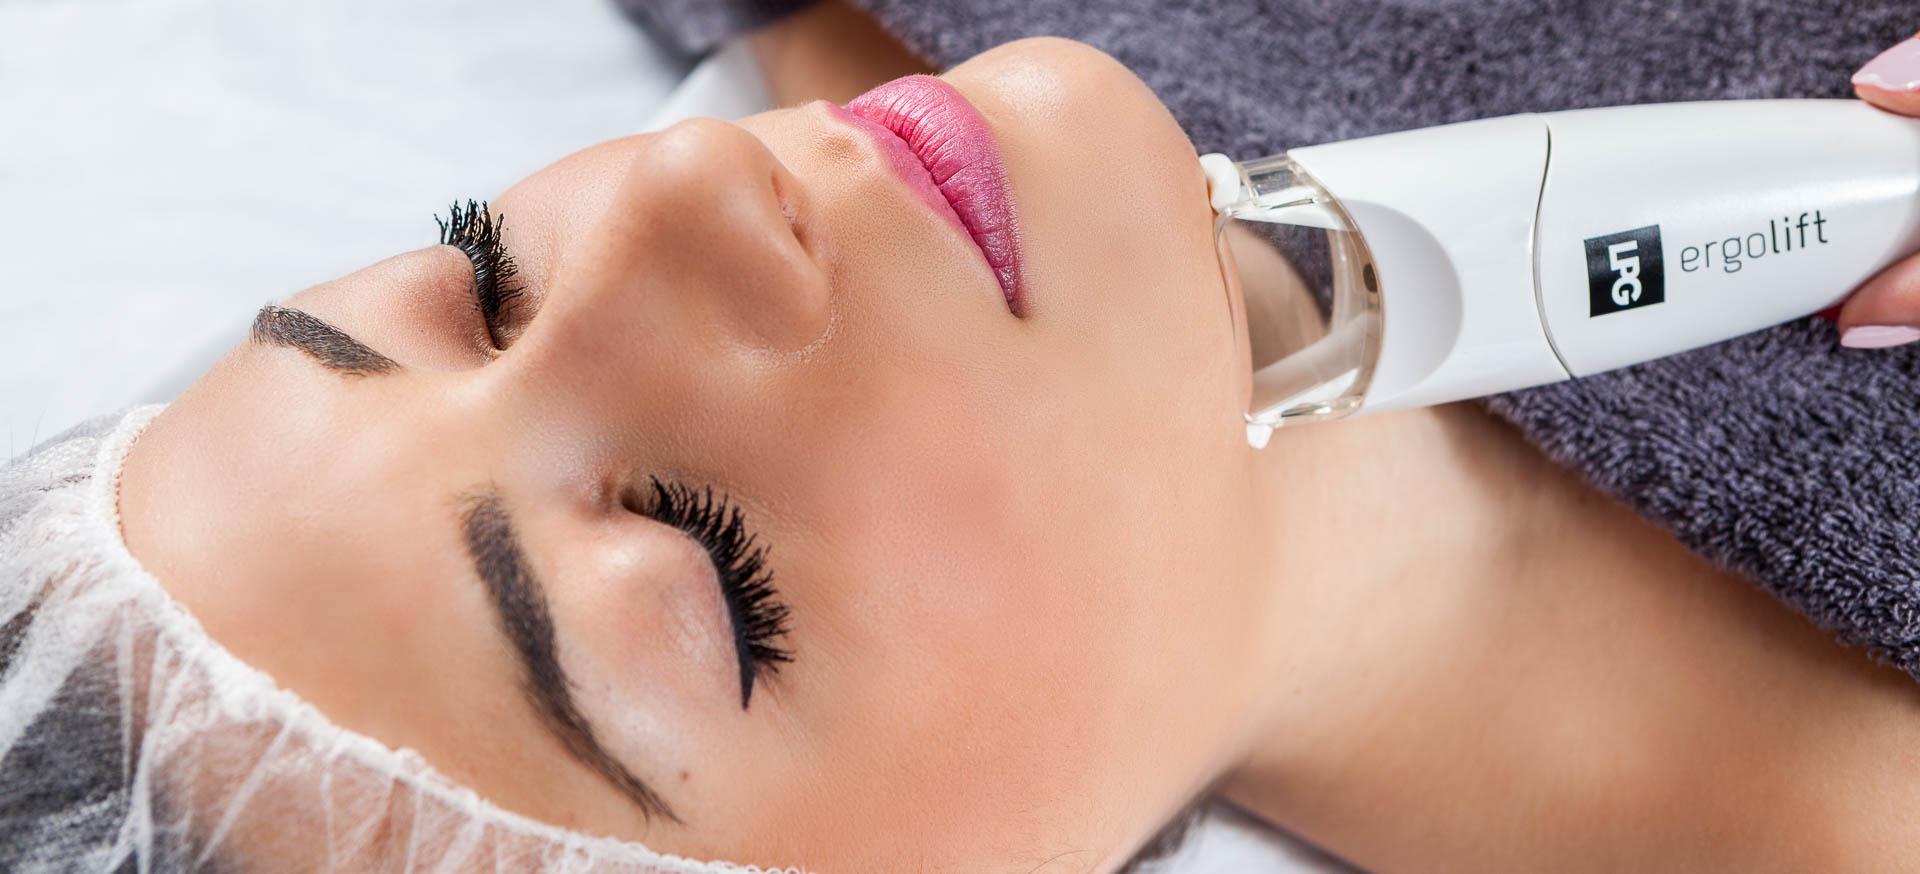 Tratamientos faciales, tratamiento facial, Centro de Estética, Estetica Avanzada, Tratamientos de estetica, Atelier de estetica, Equipo humano, servicio profesional, servicio personalizado